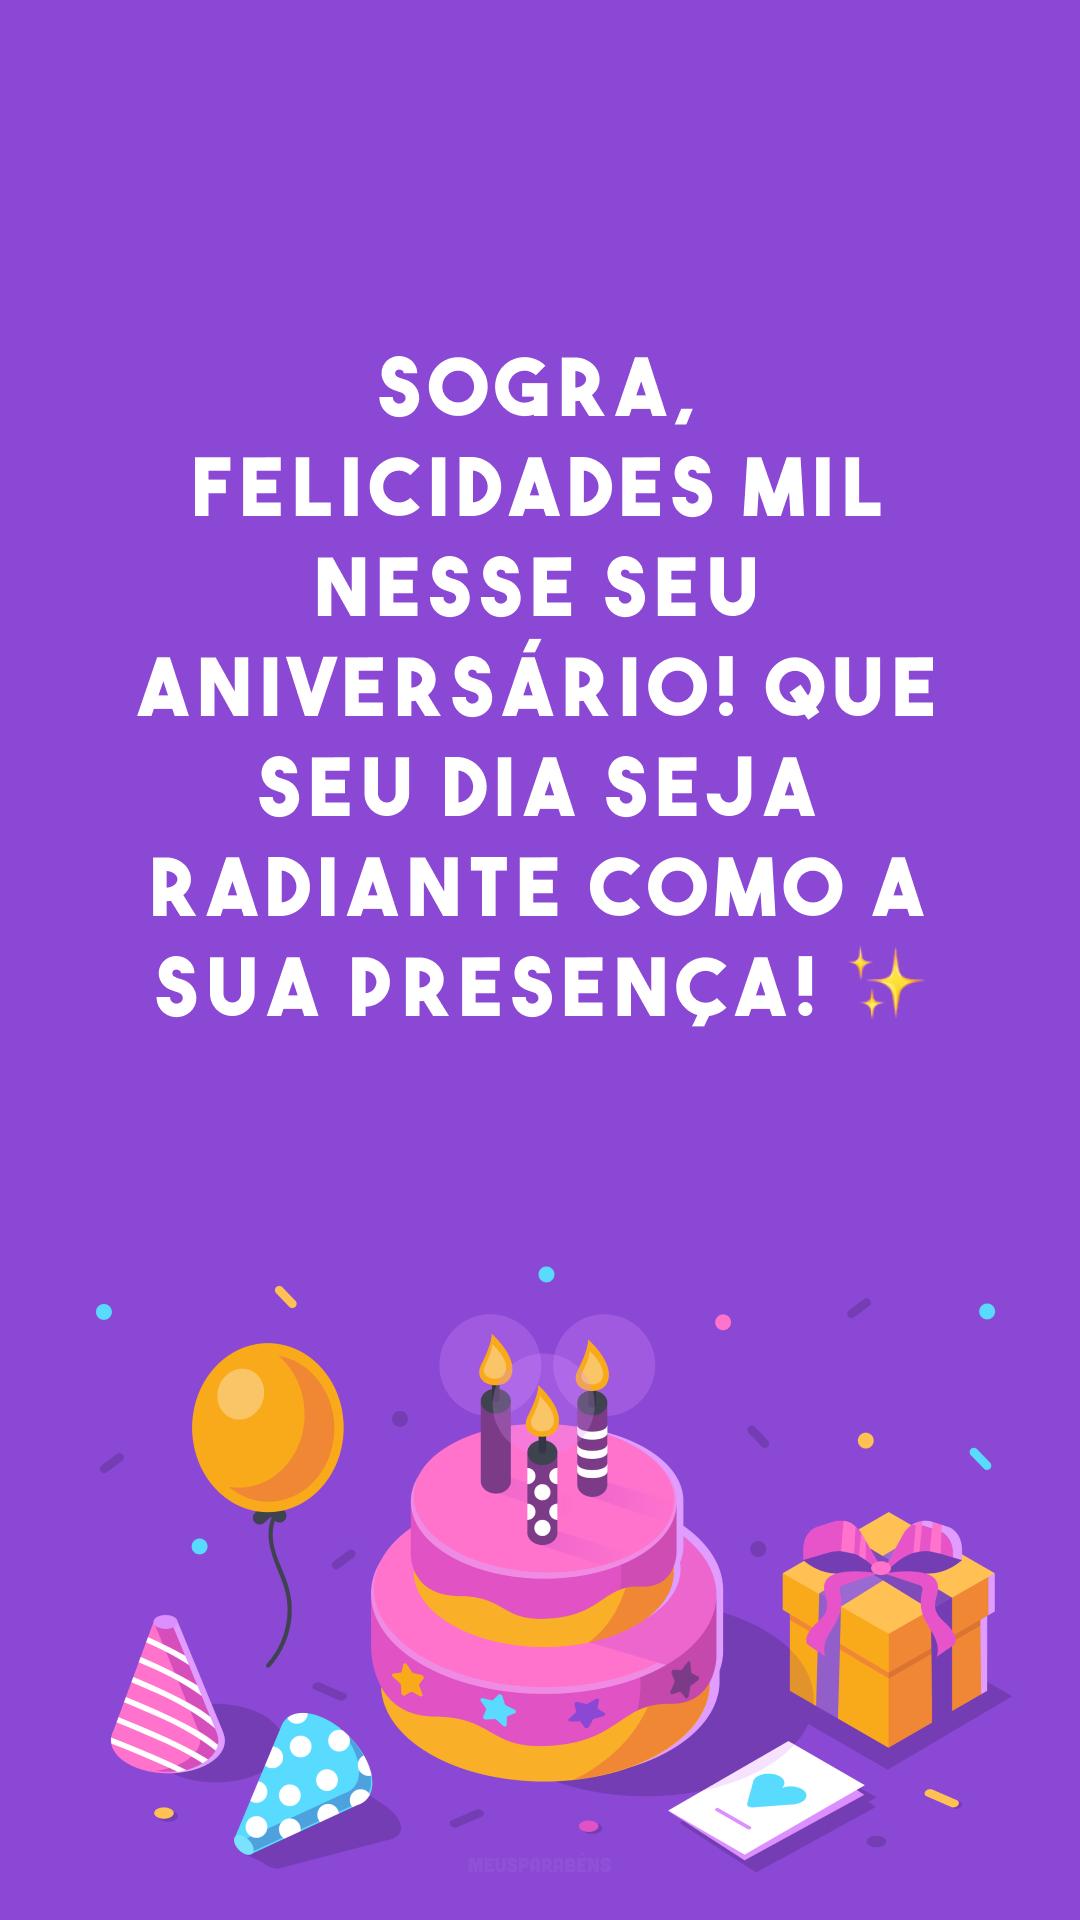 Sogra, felicidades mil nesse seu aniversário! Que seu dia seja radiante como a sua presença! ✨